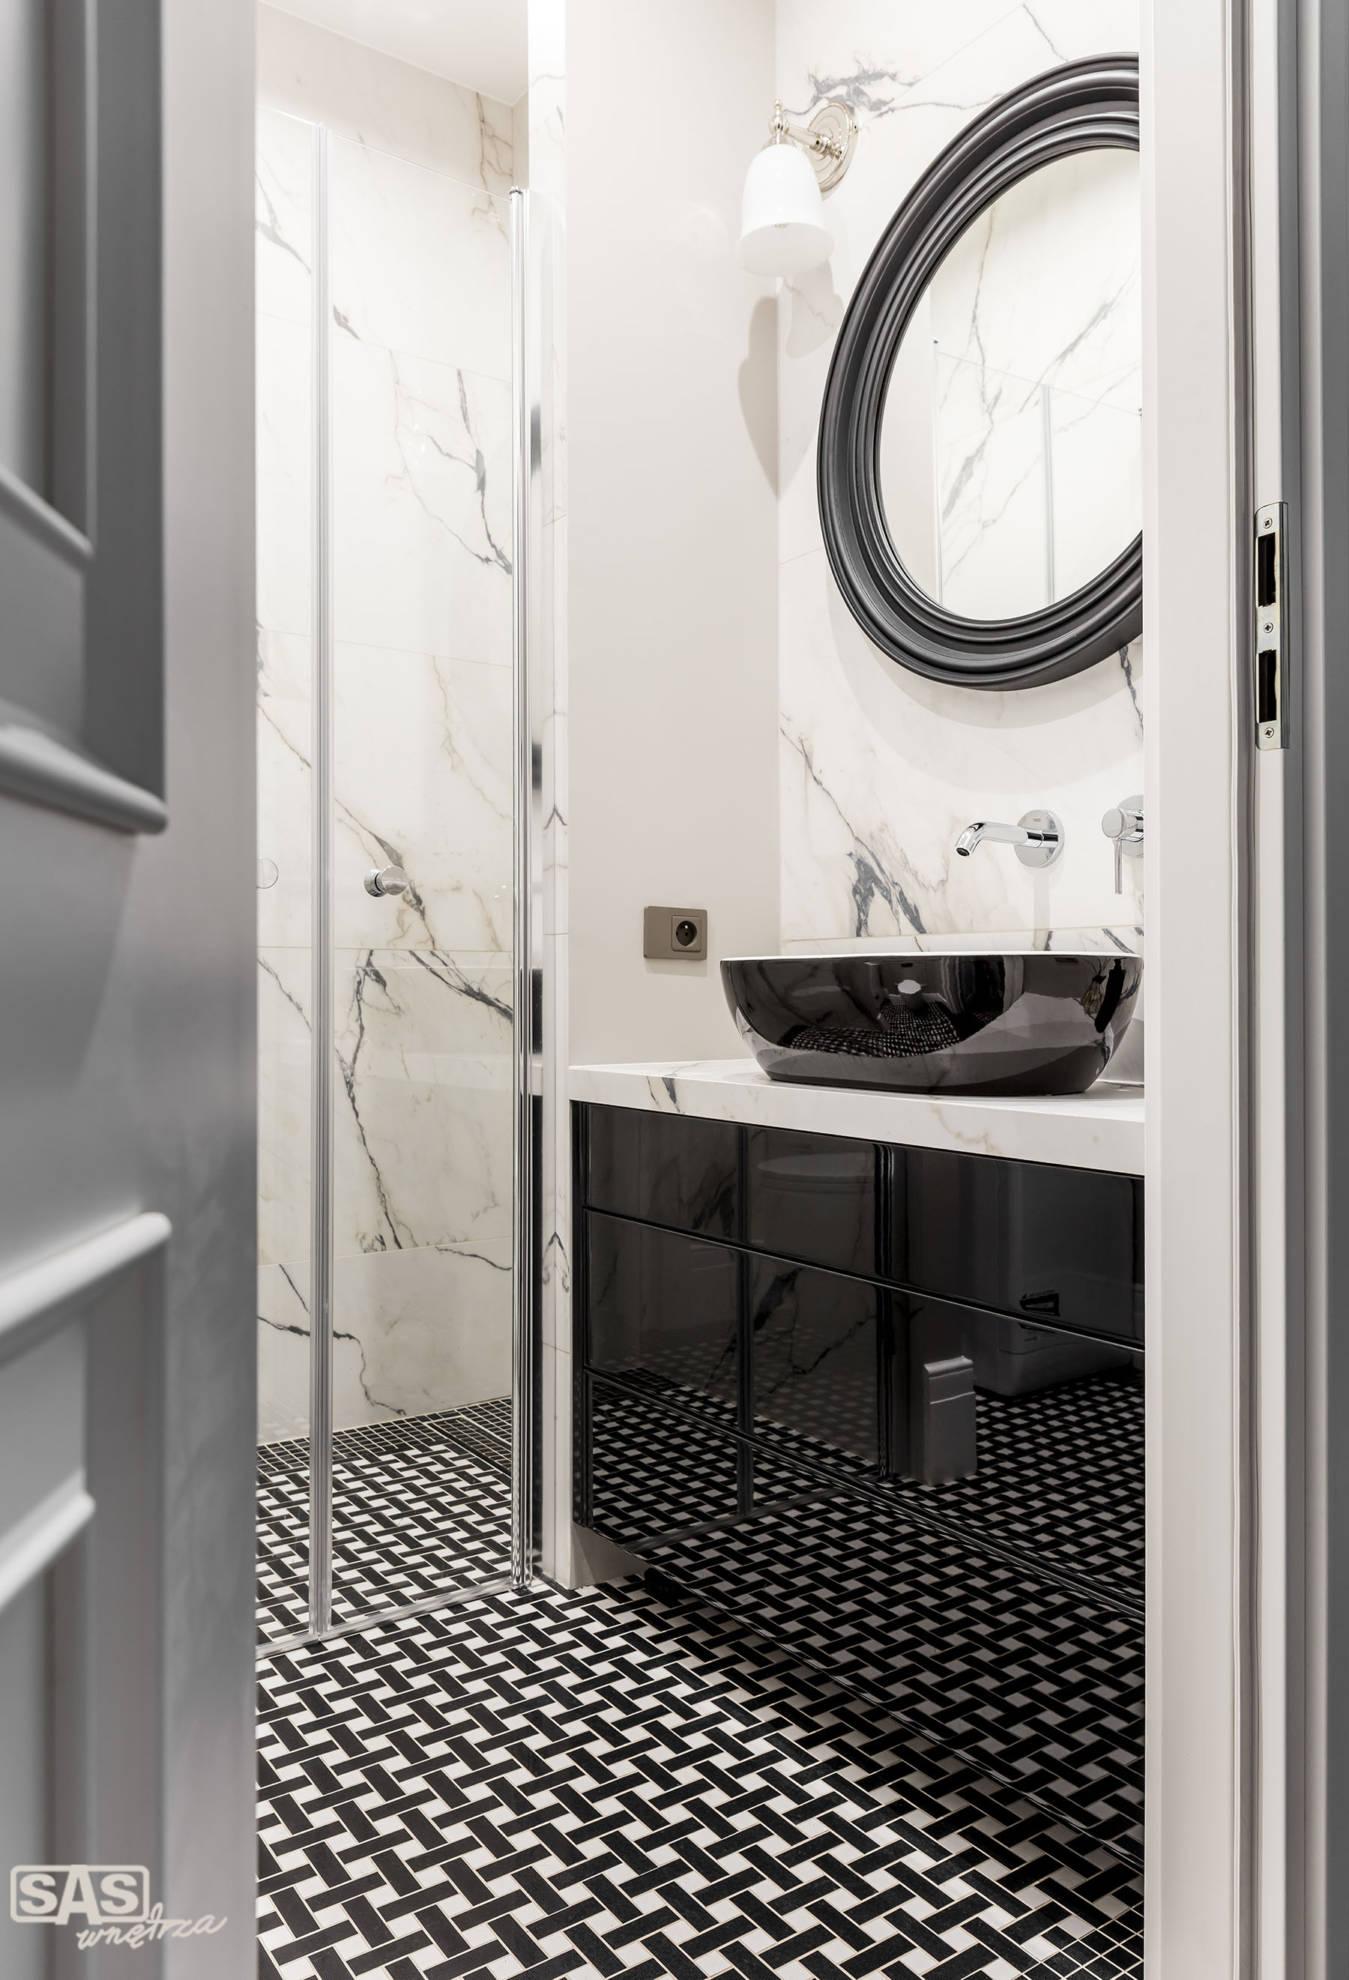 Łazienka - meble łazienkowe SAS Wnętrza i Kuchnia, projekt architekt wnętrz Emilia Strzempek Plasun.